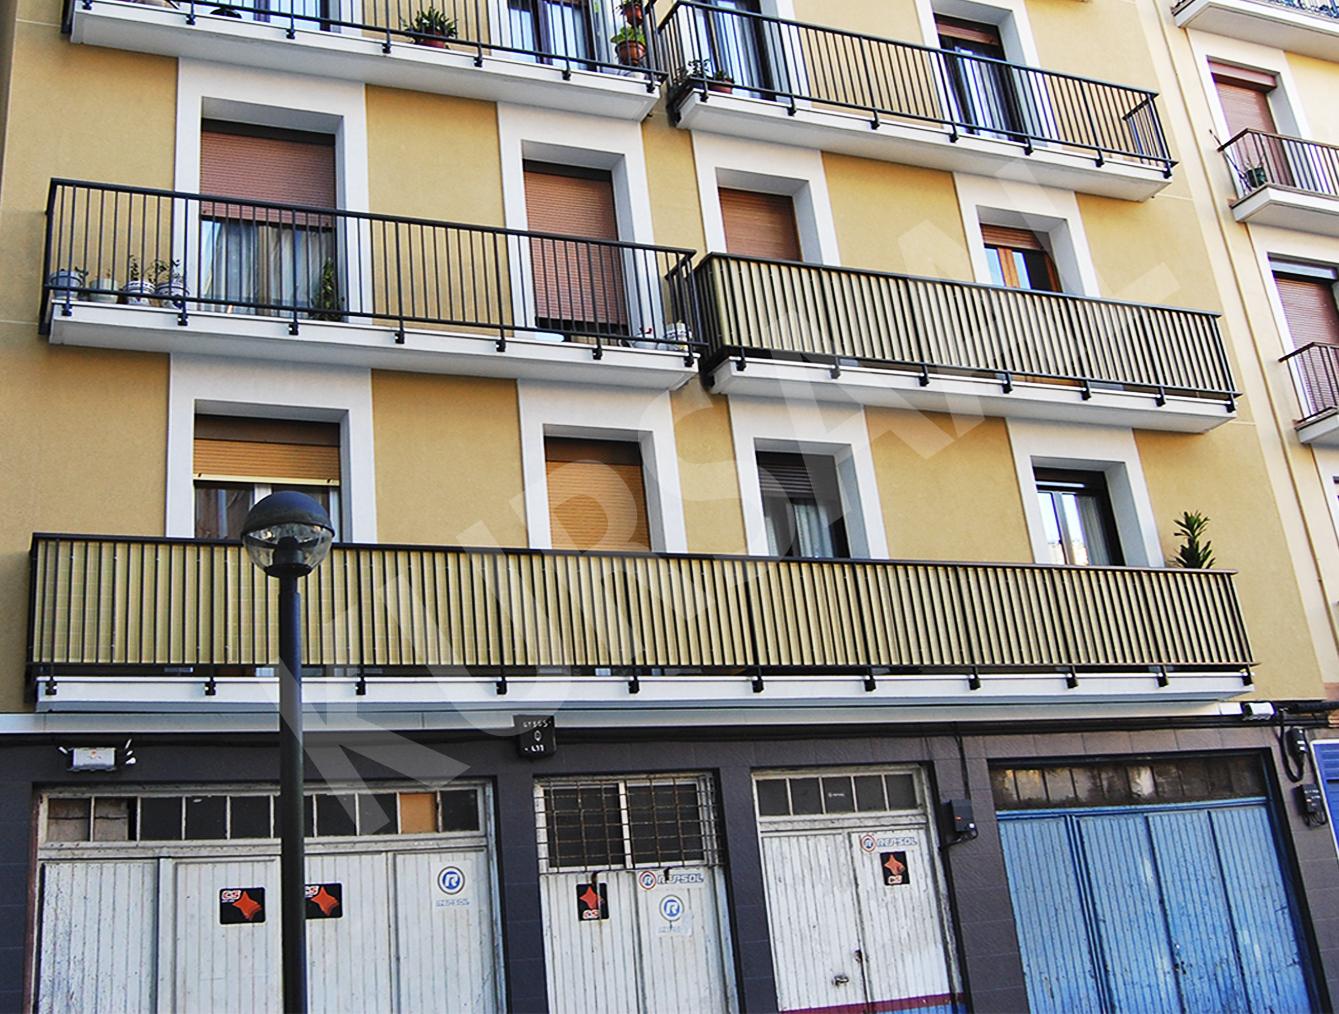 foto 8 - Aislamientos Térmicos y Eficiencia Energética-Euskadi Etorbidea, 51-PASAIA, GIPUZKOA